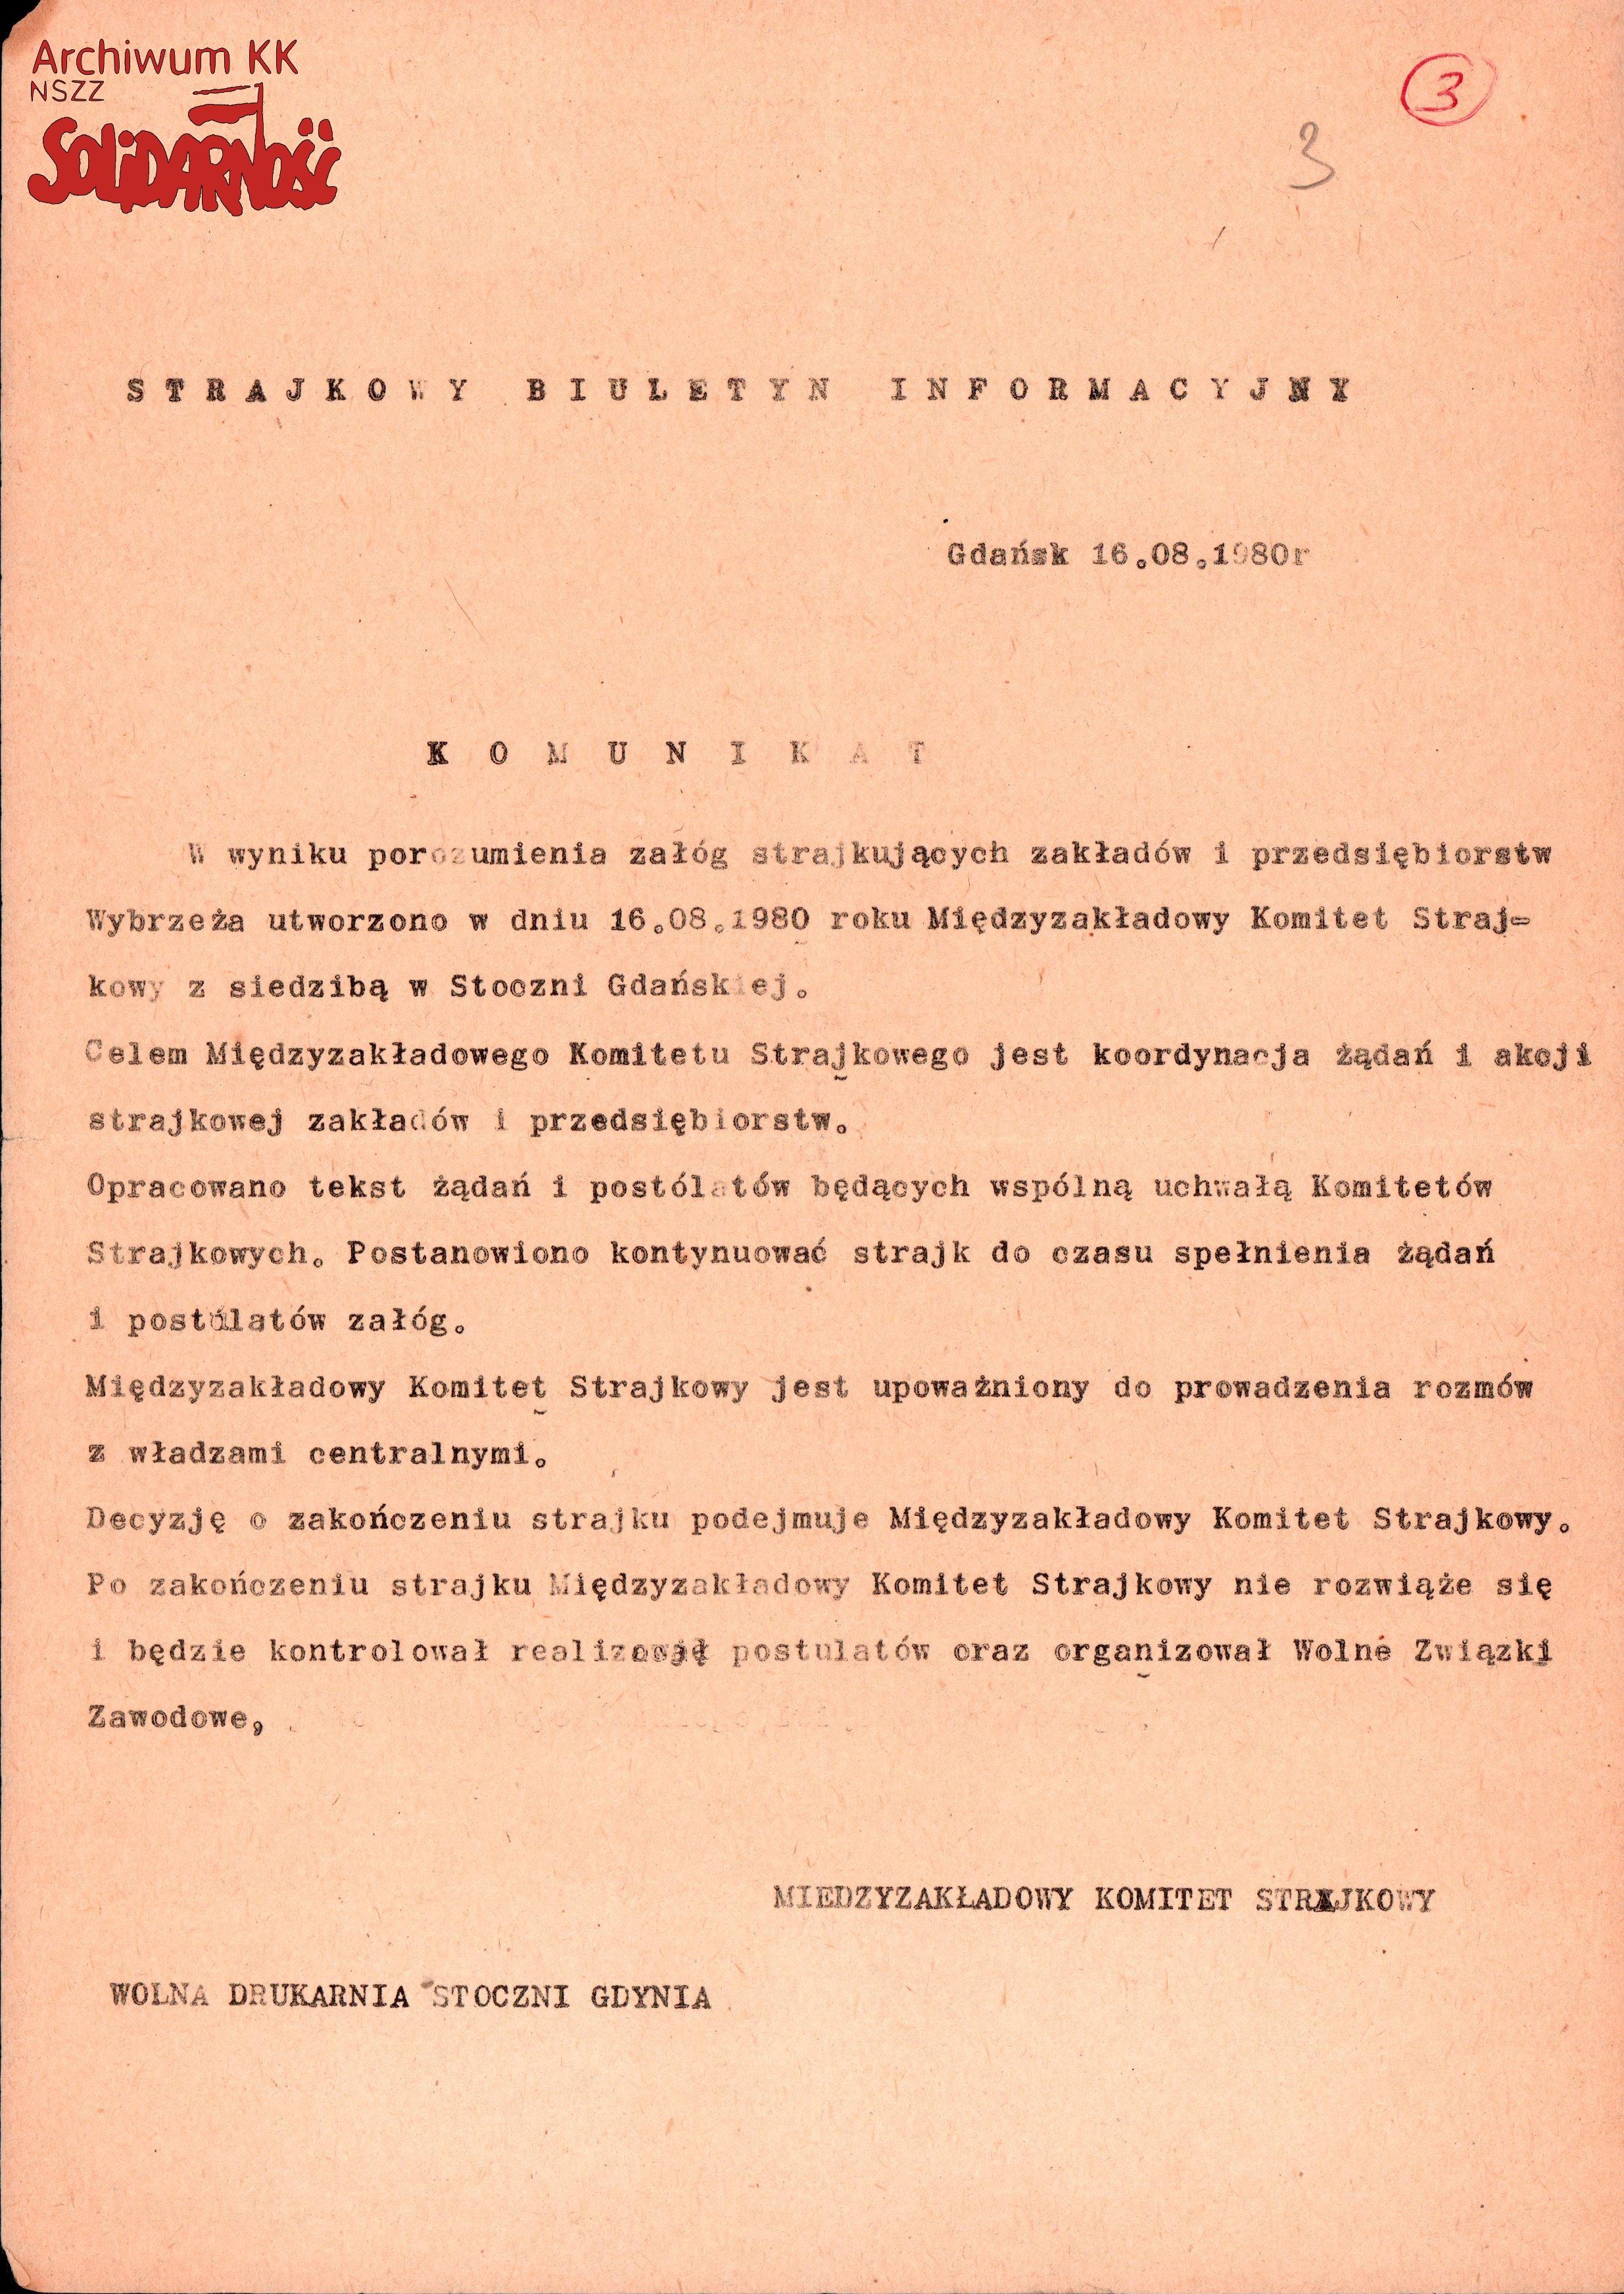 AKKS-347-1-1000003